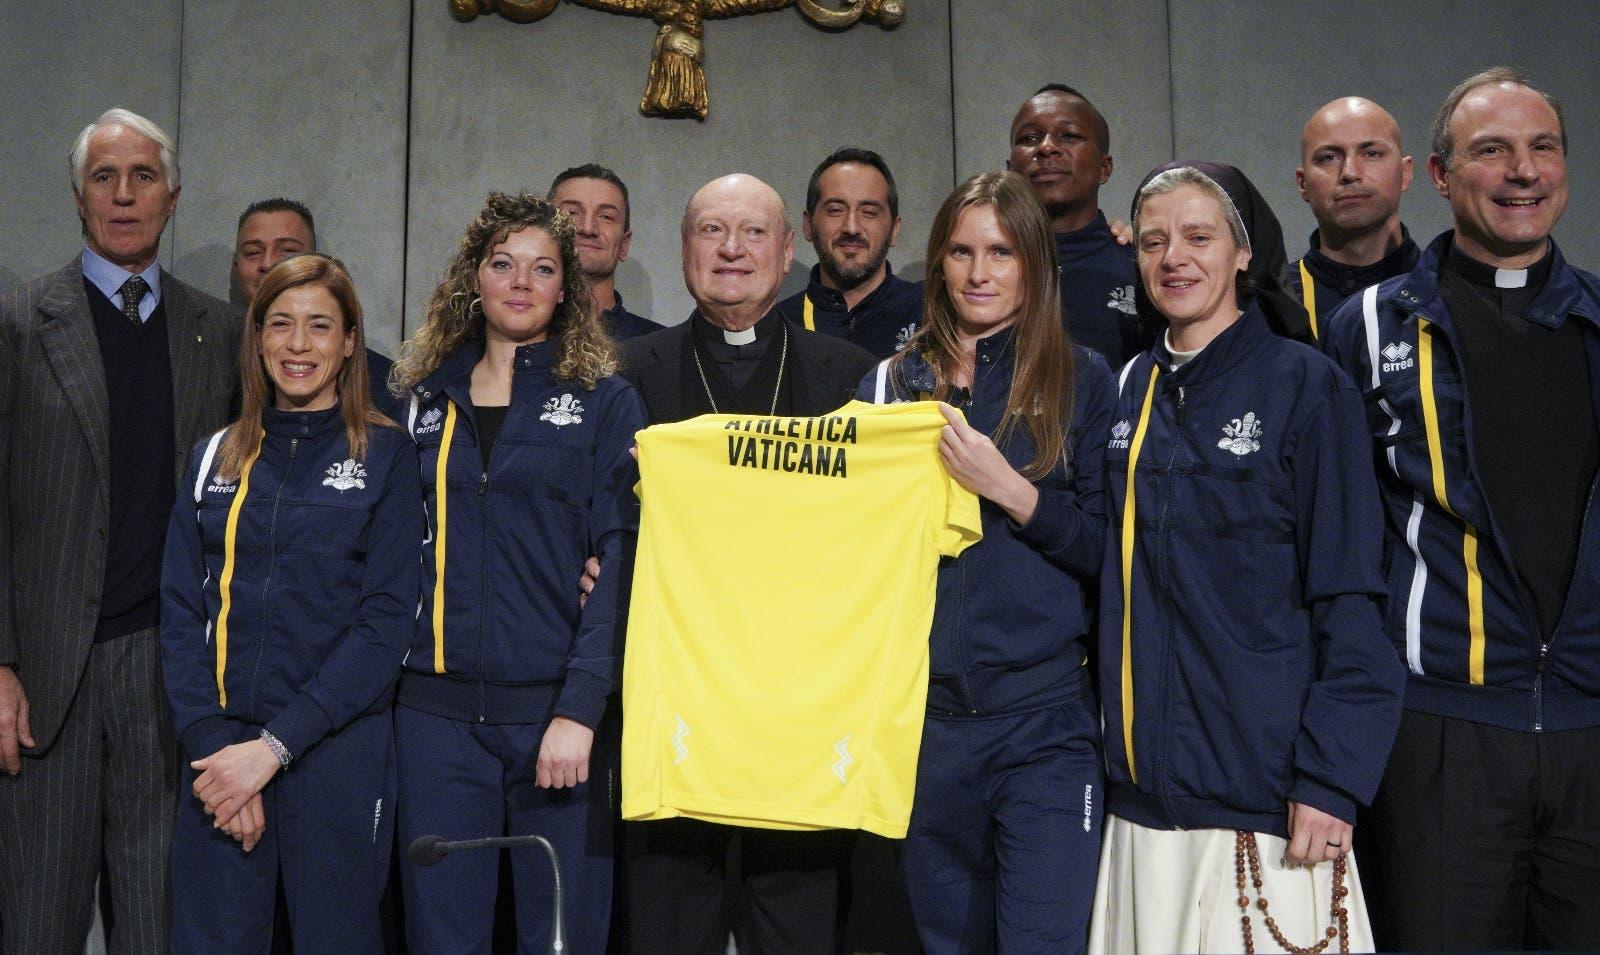 La jerarquía católica en el Vaticano se reúne  con monjas, sacerdotes y guardias  atletas.